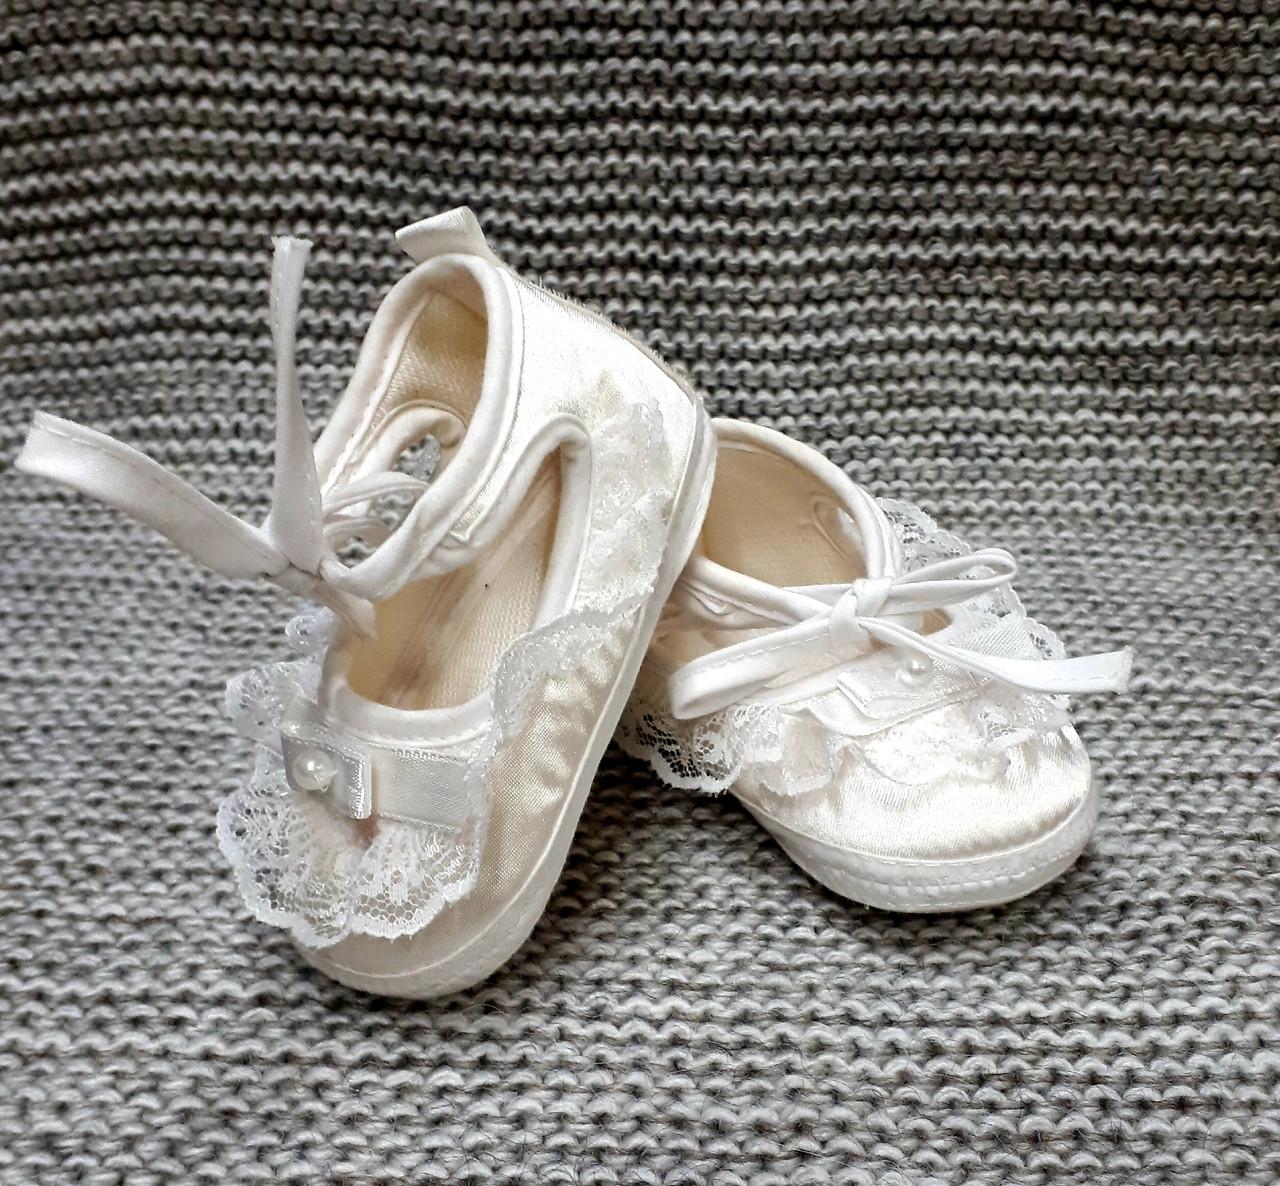 Детские пинетки-туфельки на девочку белого цвета  DOMIkids  (Турция)  размер 4  месяца